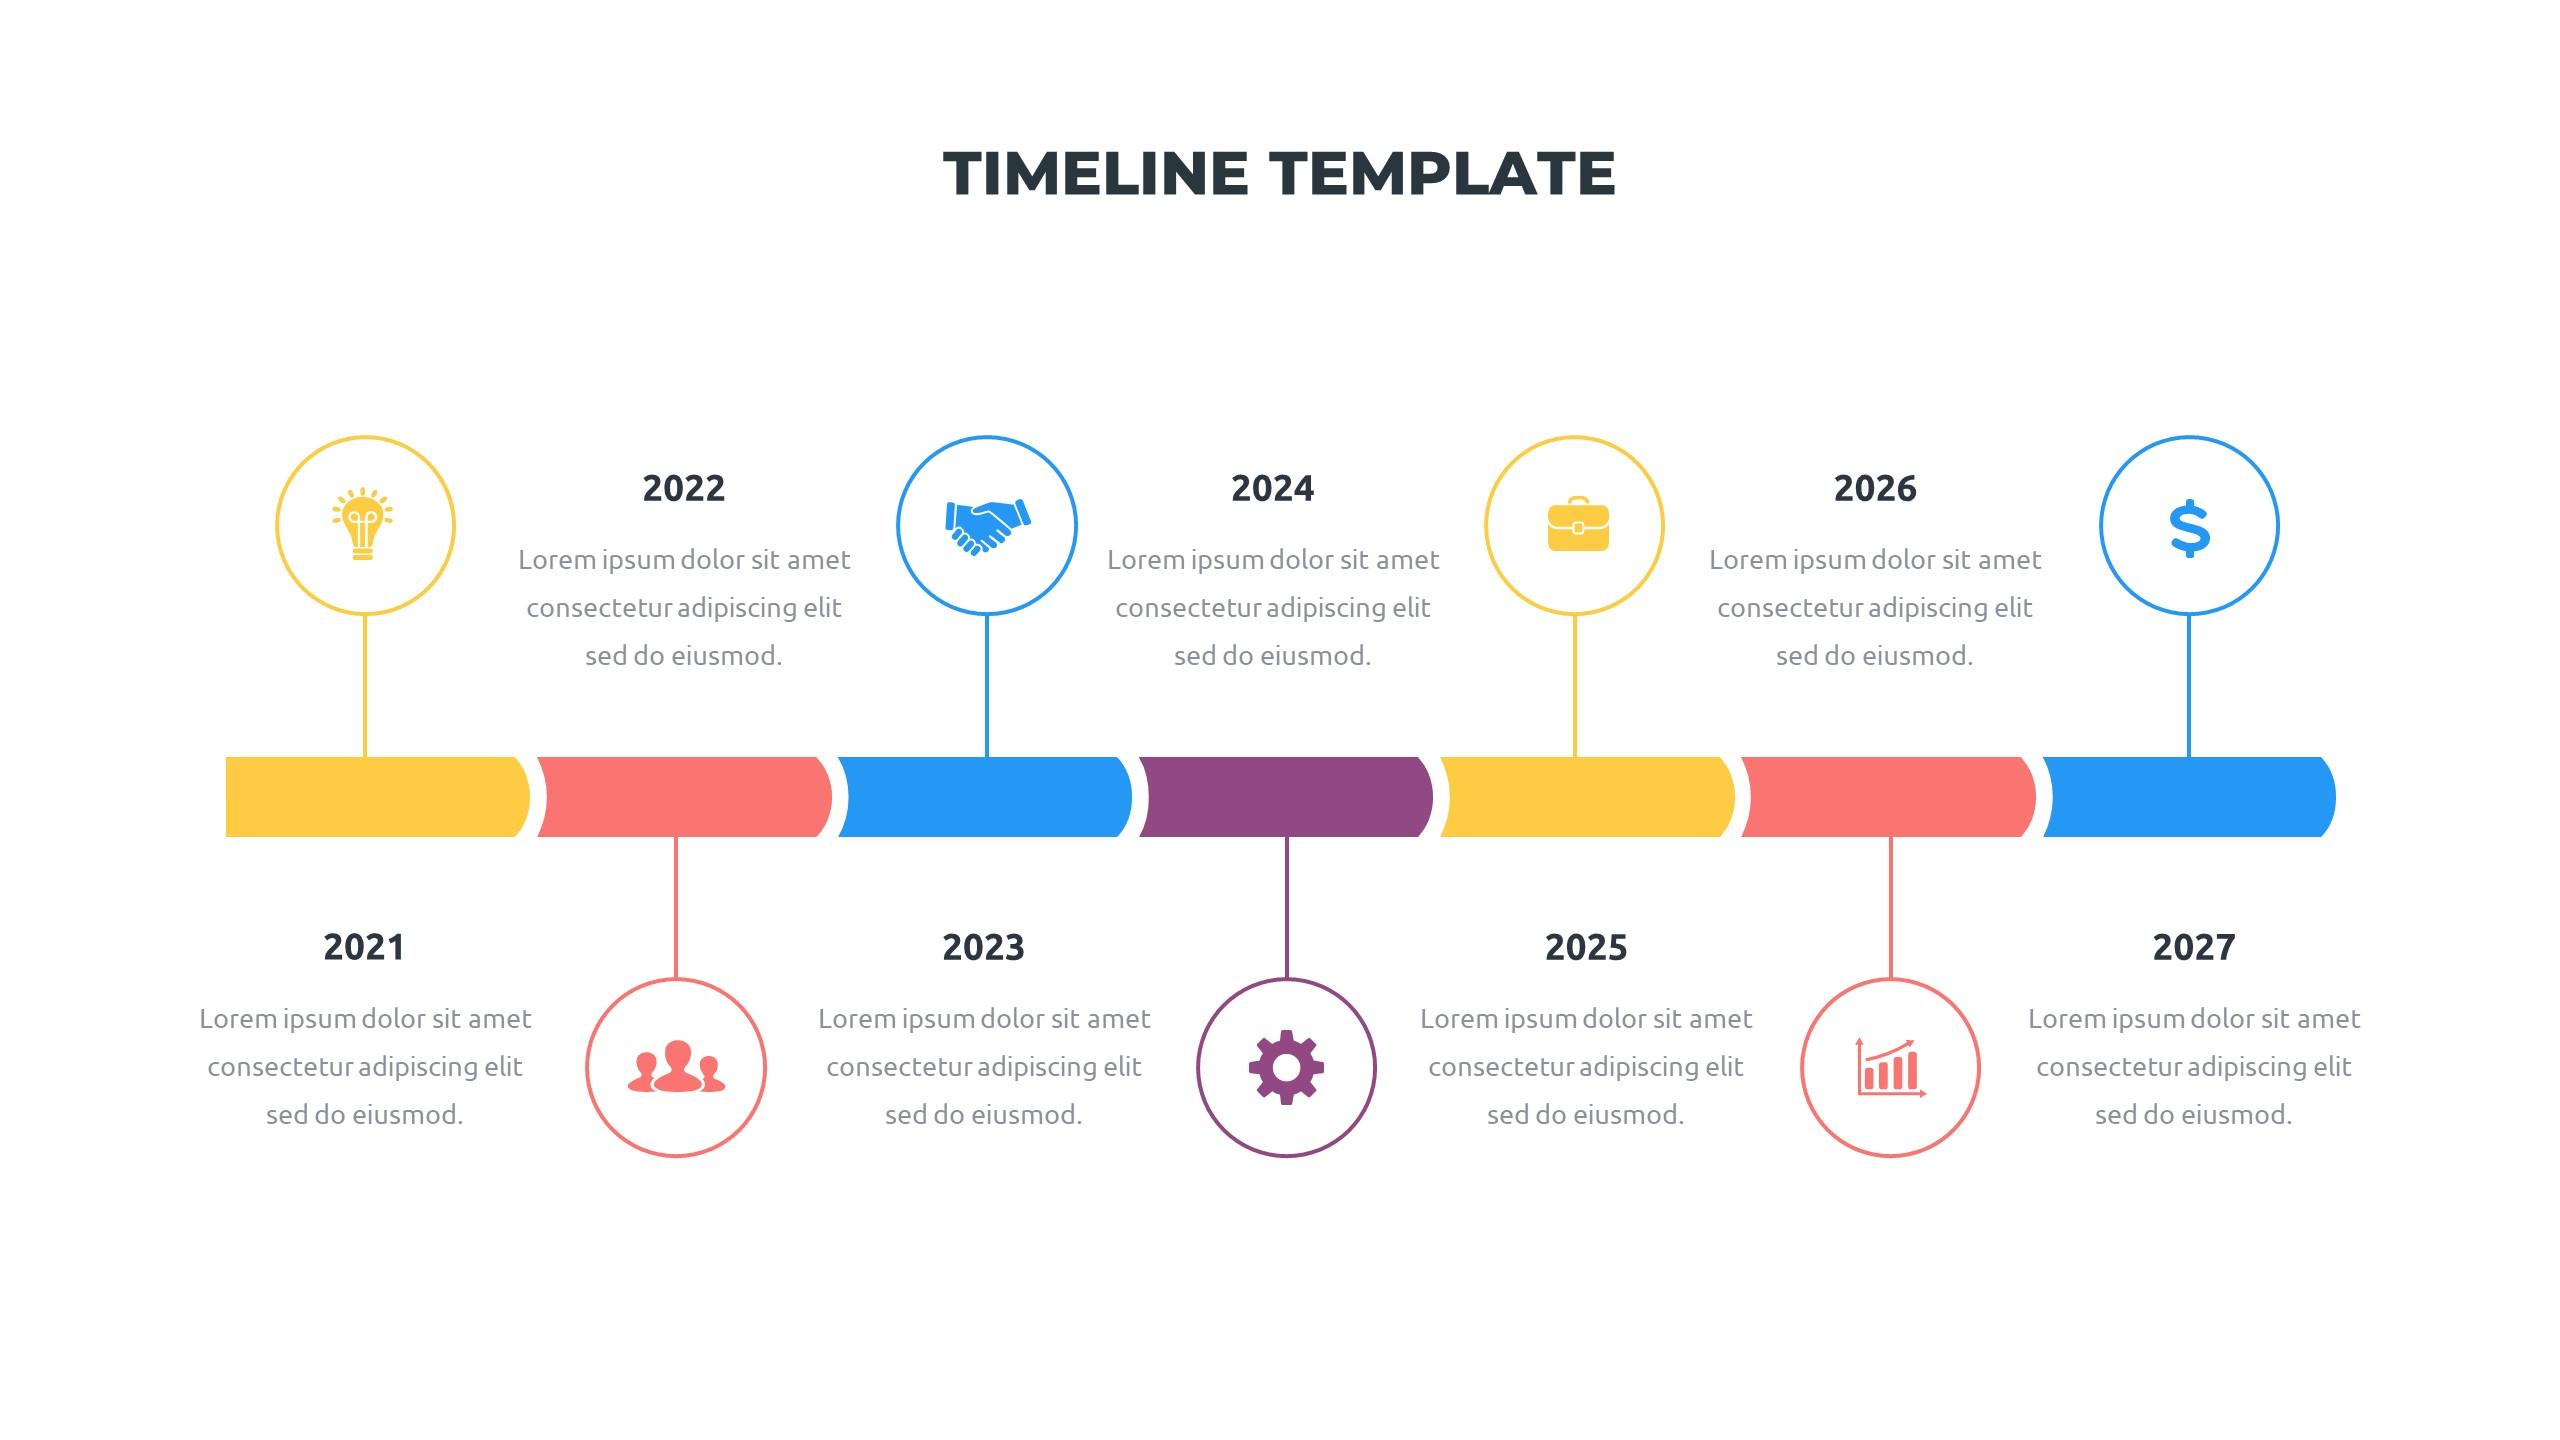 36 Timeline Presentation Templates: Powerpoint, Google Slides, Keynote - Slide27